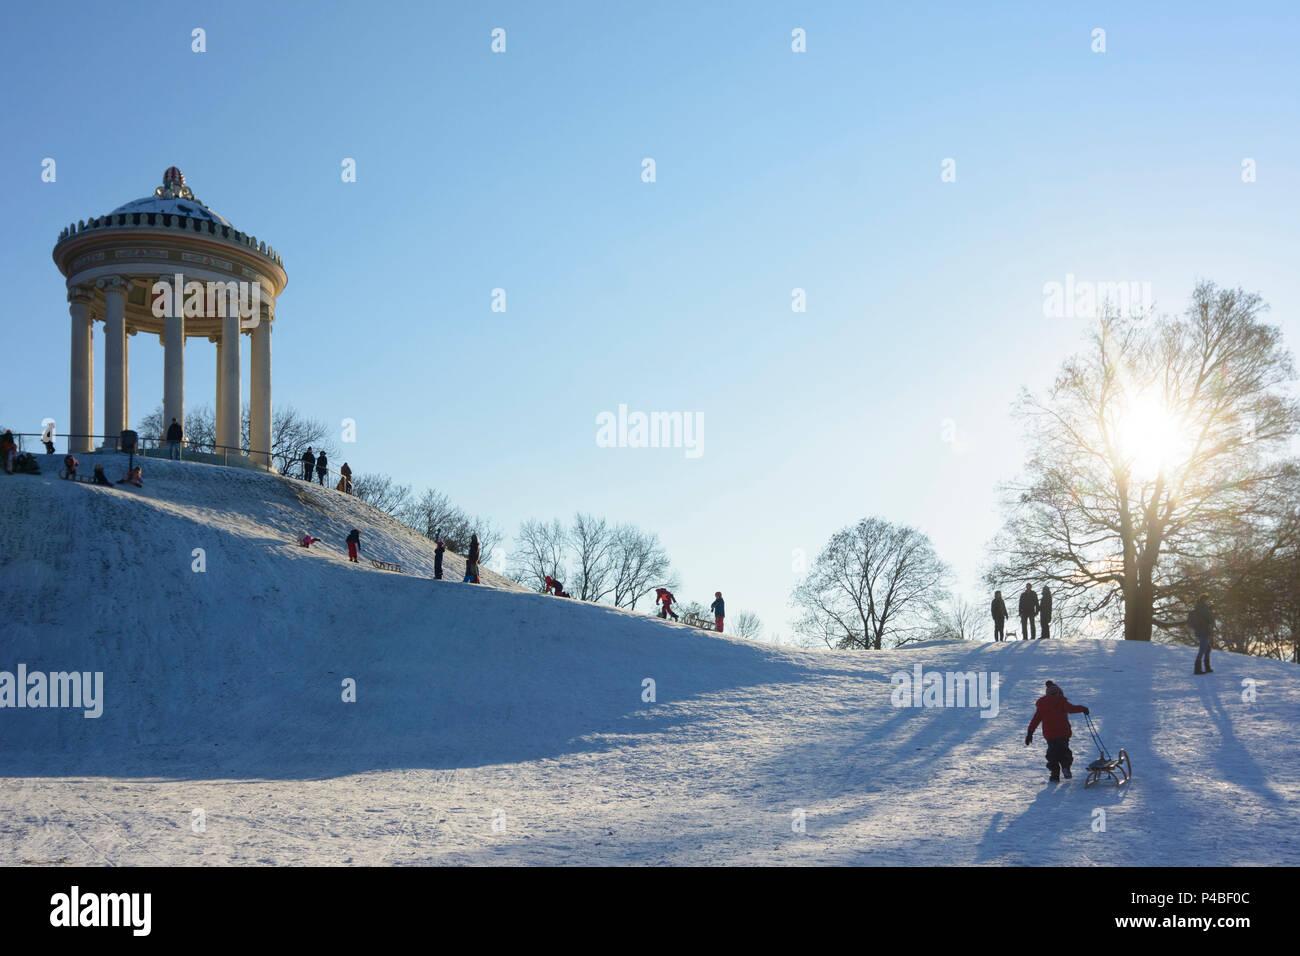 München, Munich, les enfants, pour les enfants, luge, traîneau, traîneau, traîneau, dans le Monopteros Englischer Garten (jardin anglais), Upper Bavaria, Bavaria, Germany Photo Stock